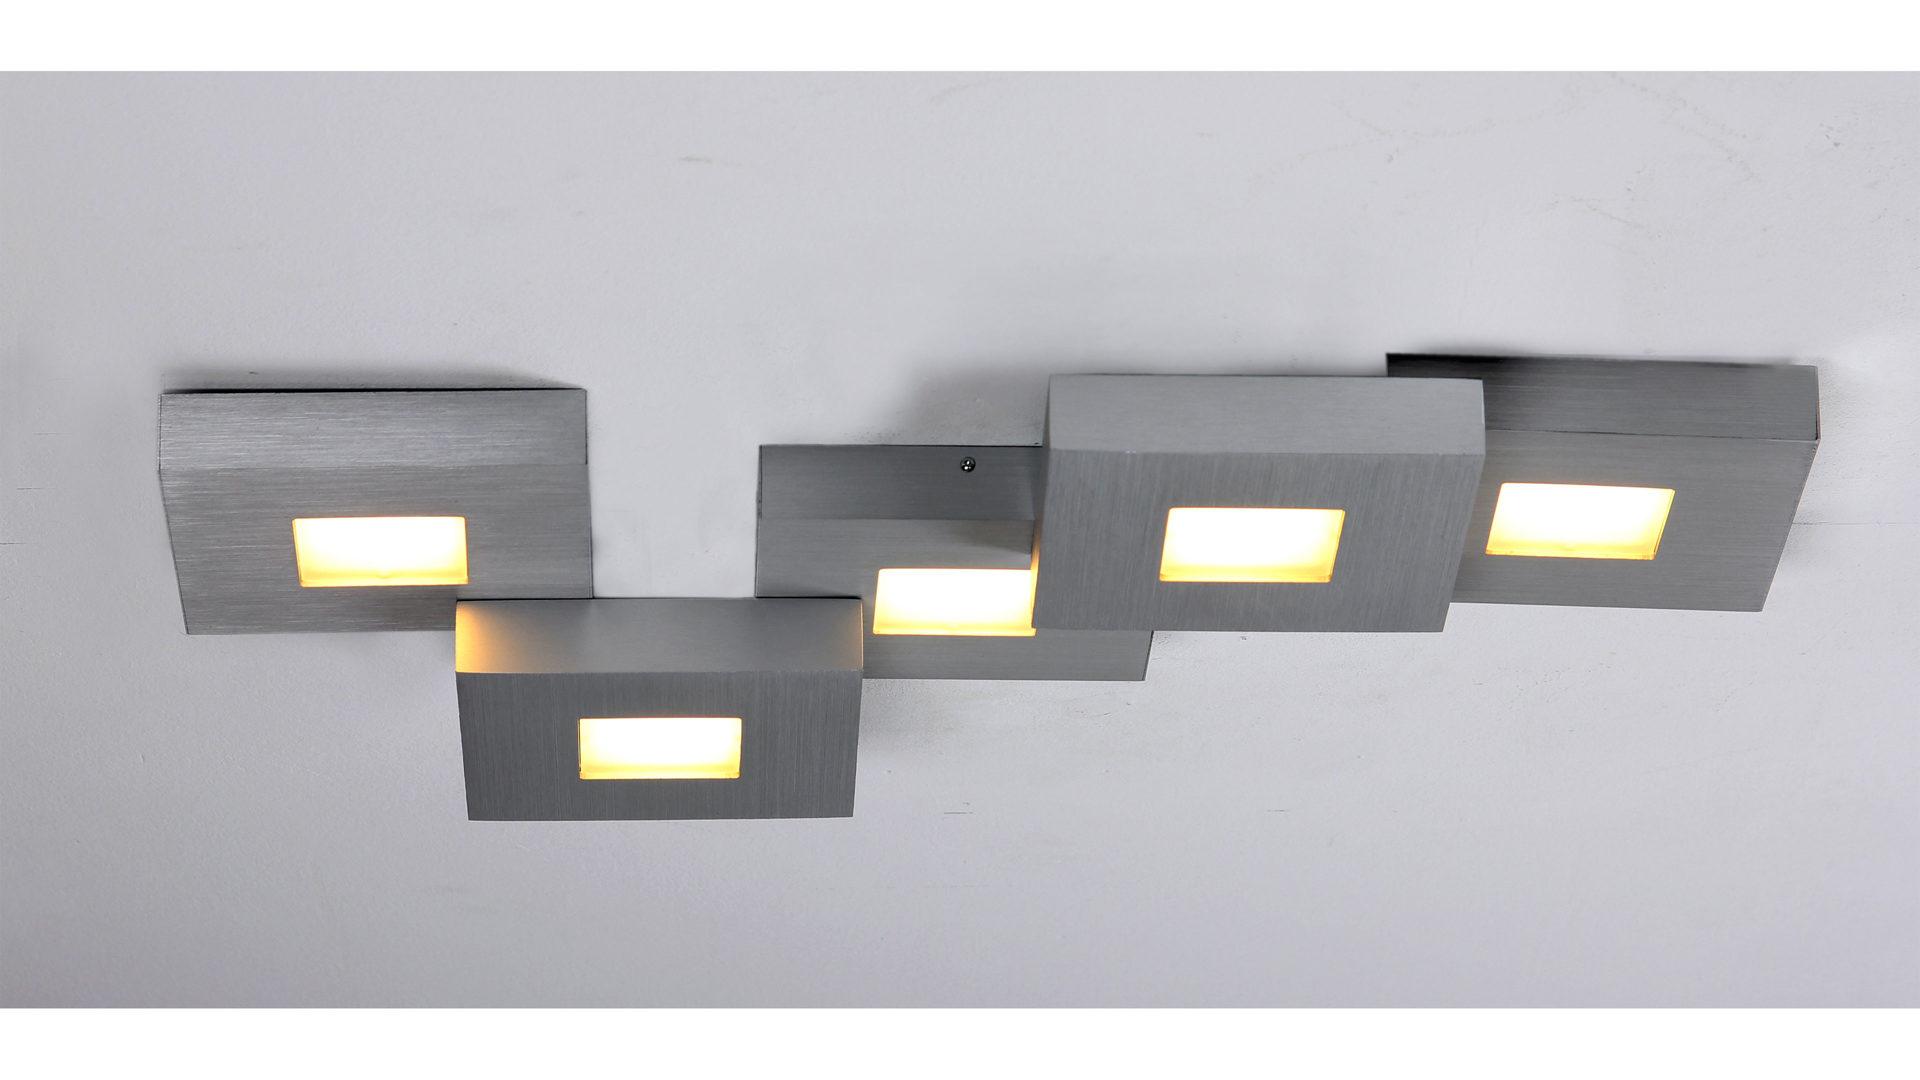 Möbel Steffens Lamstedt | Räume | Wohnzimmer | Lampen + Leuchten ...